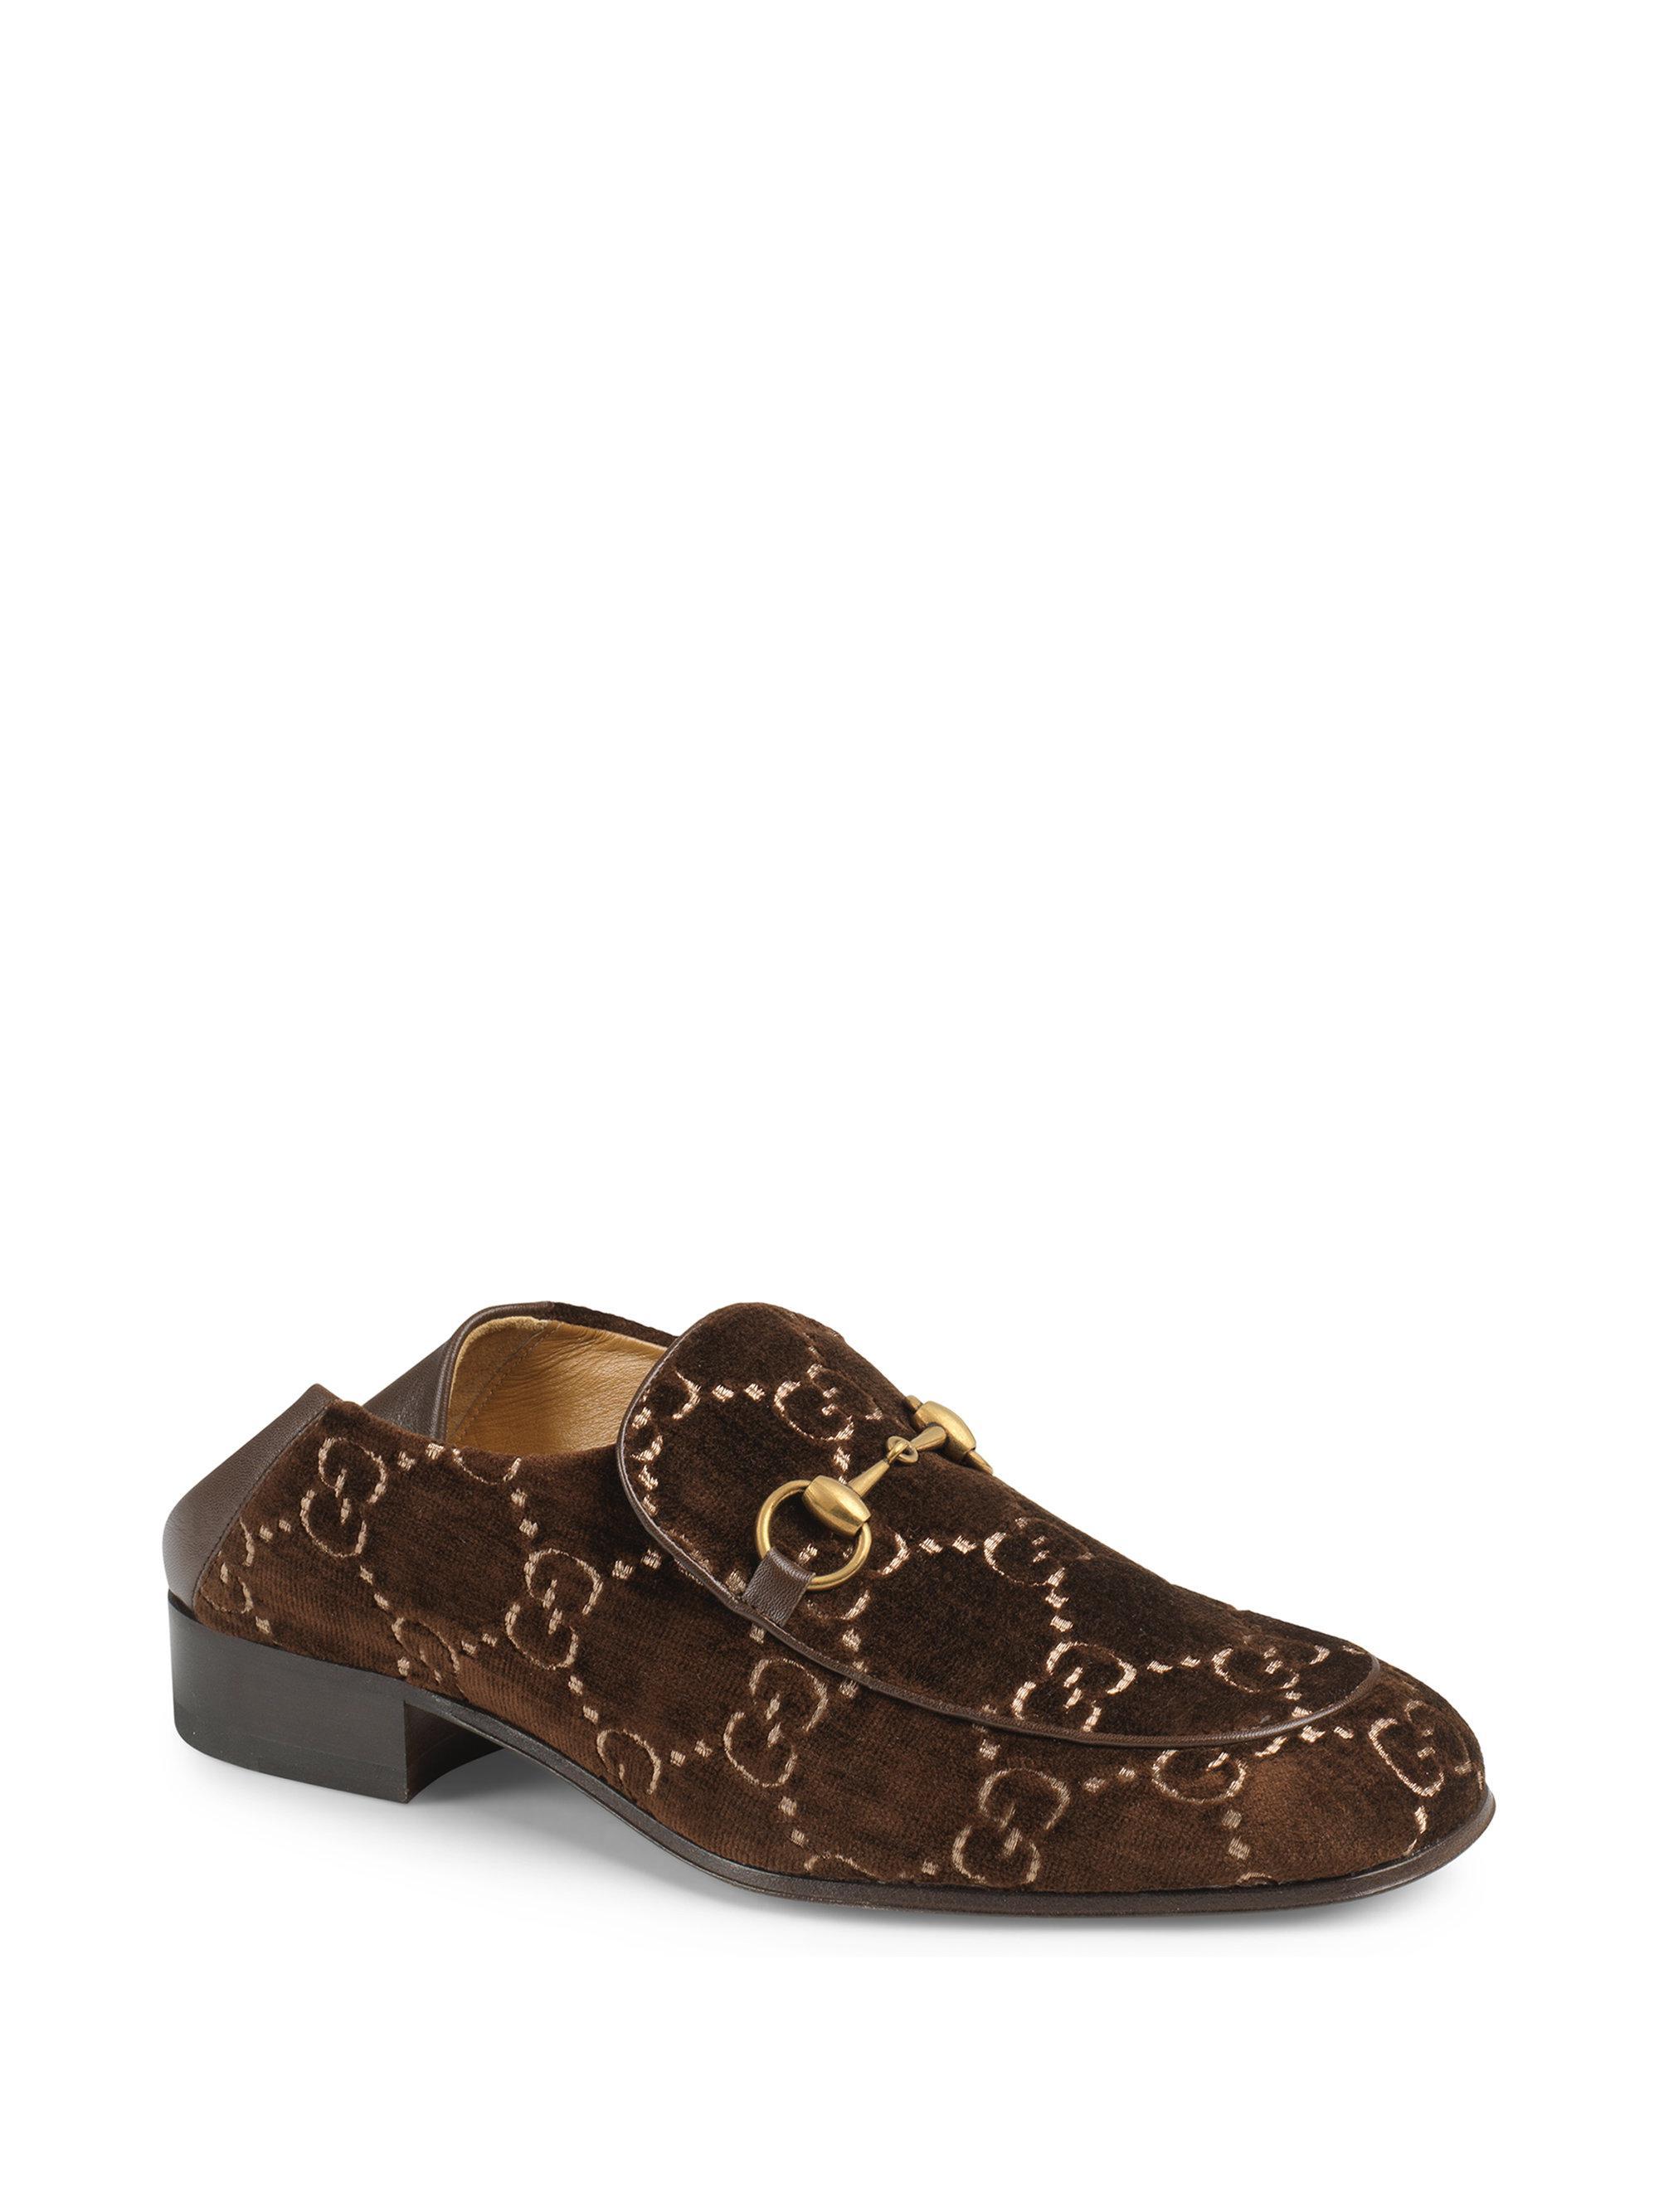 Gucci Mister GG Velvet Horsebit Loafers 8et8isQ